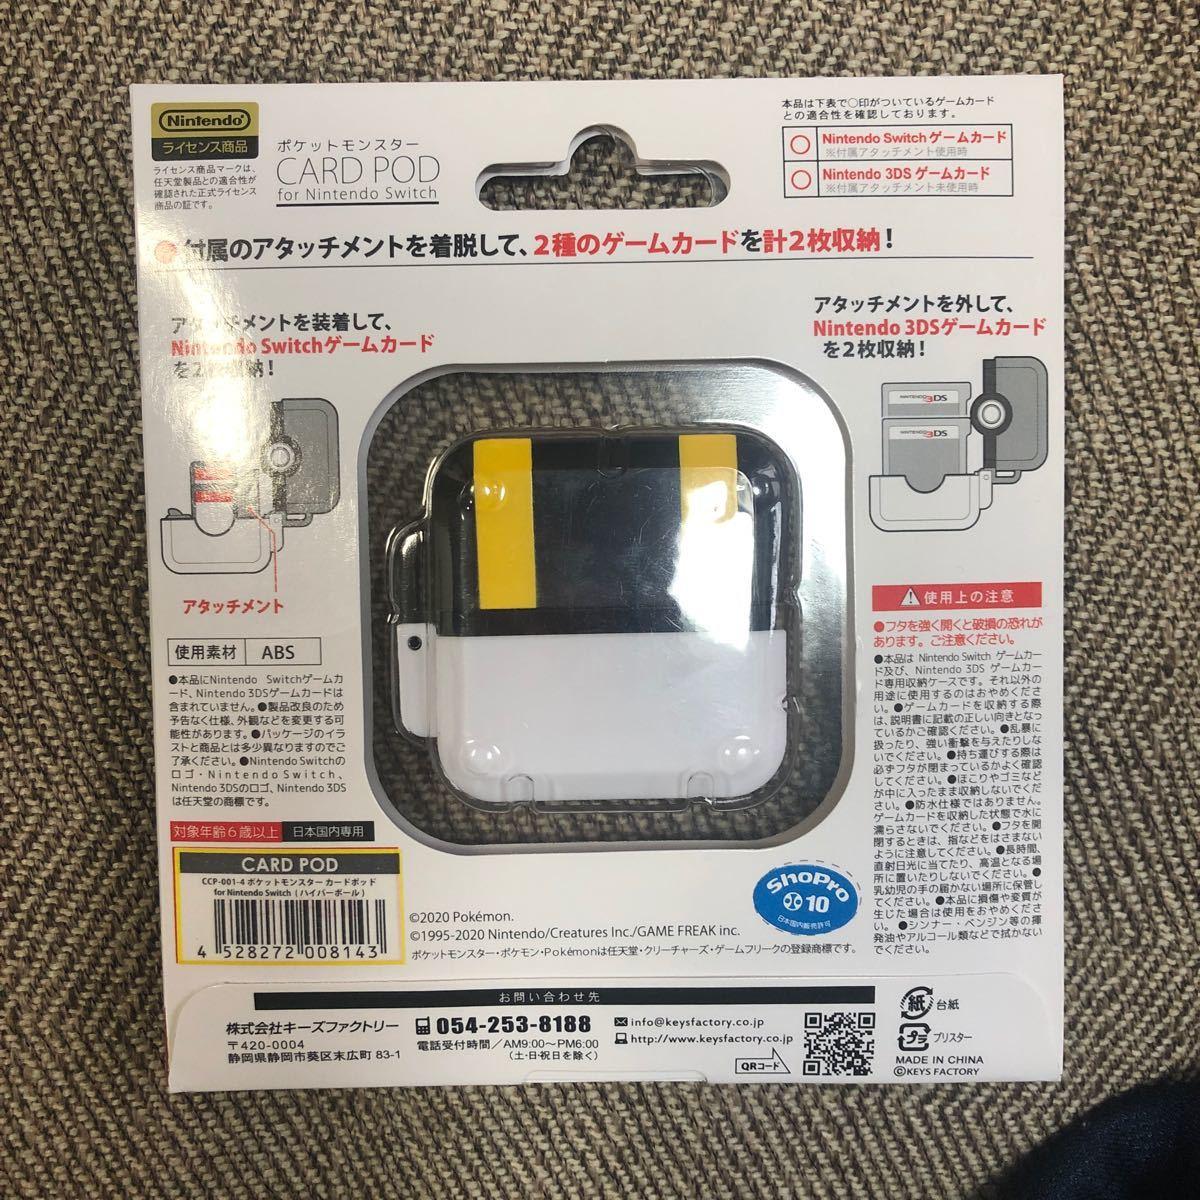 Nintendo Switch ニンテンドースイッチ ポケモン カードケース 4種セット